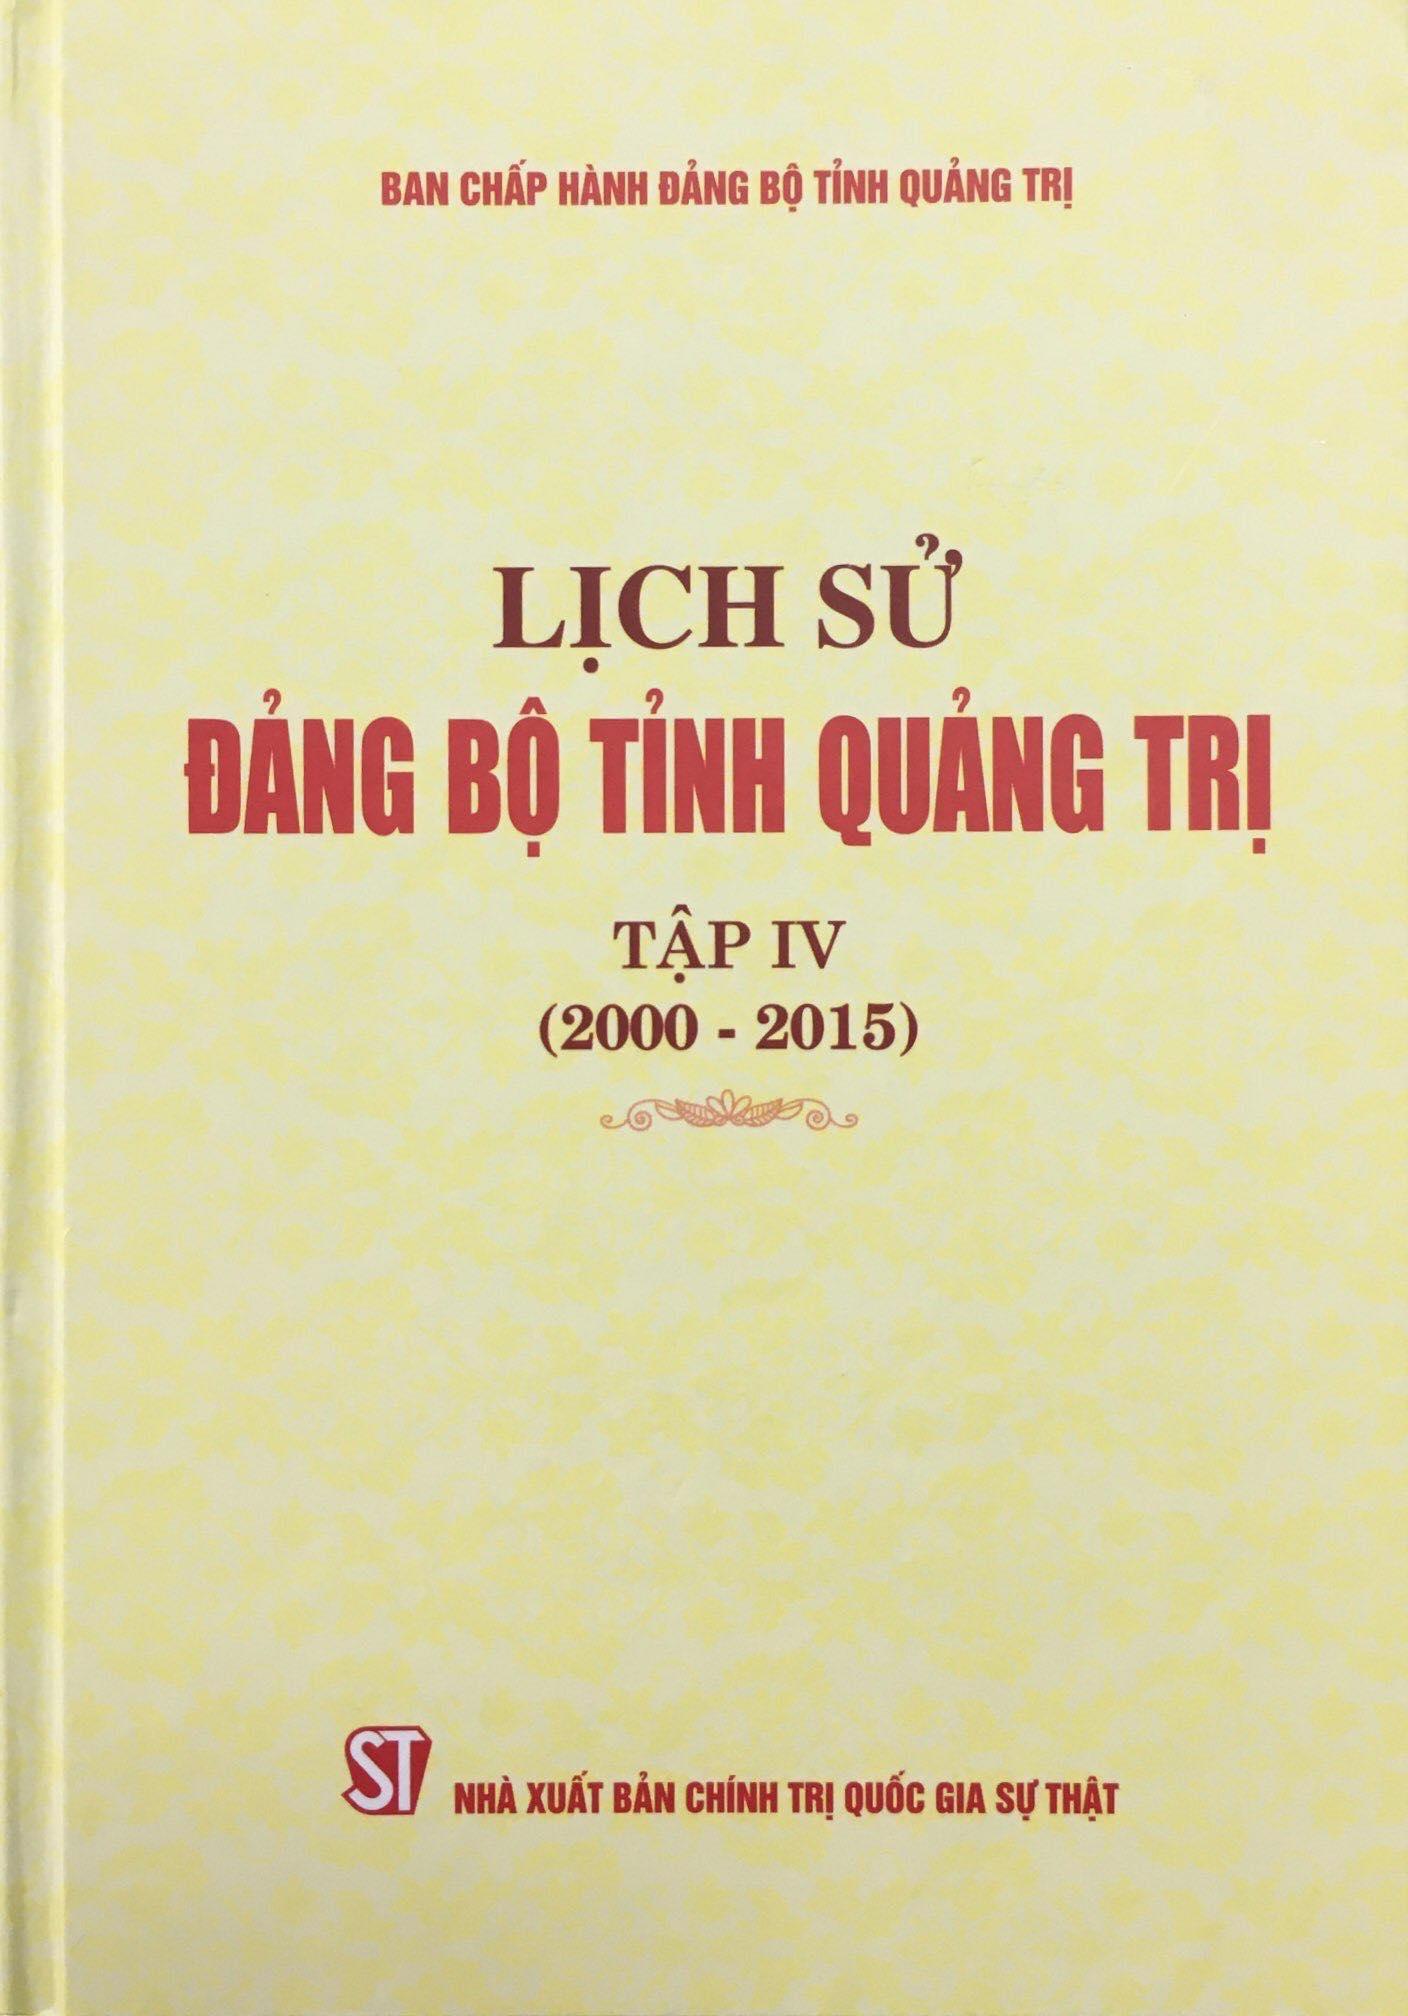 Lịch sử Đảng bộ tỉnh Quảng Trị, tập IV (2000 - 2015)